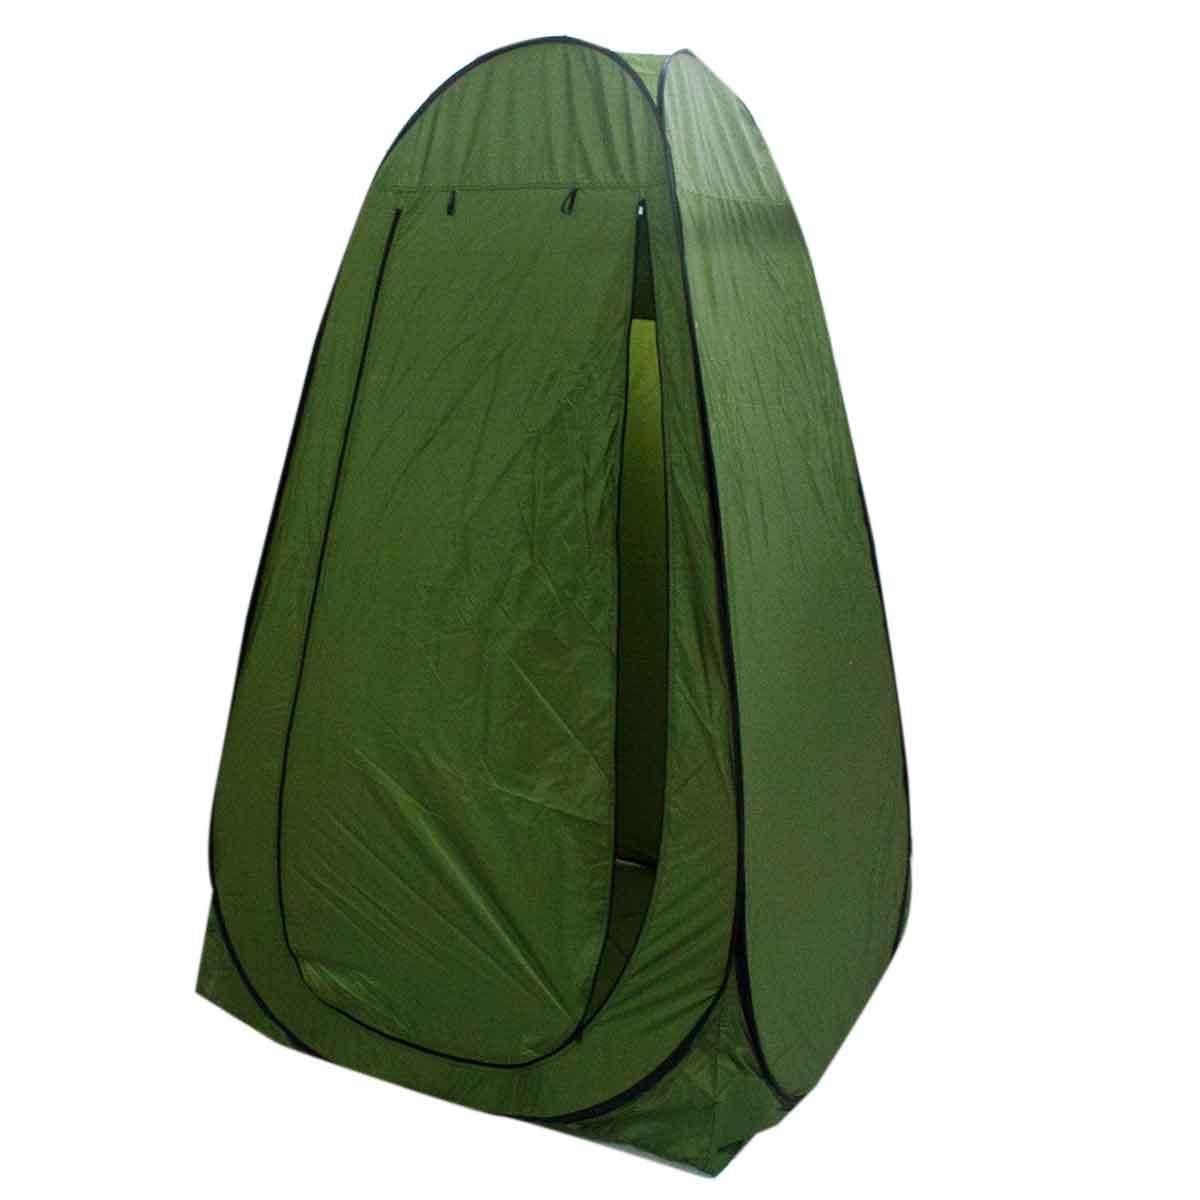 Barraca Banheiro Trocador De Roupas Camping Tenda Bolsa Portátil